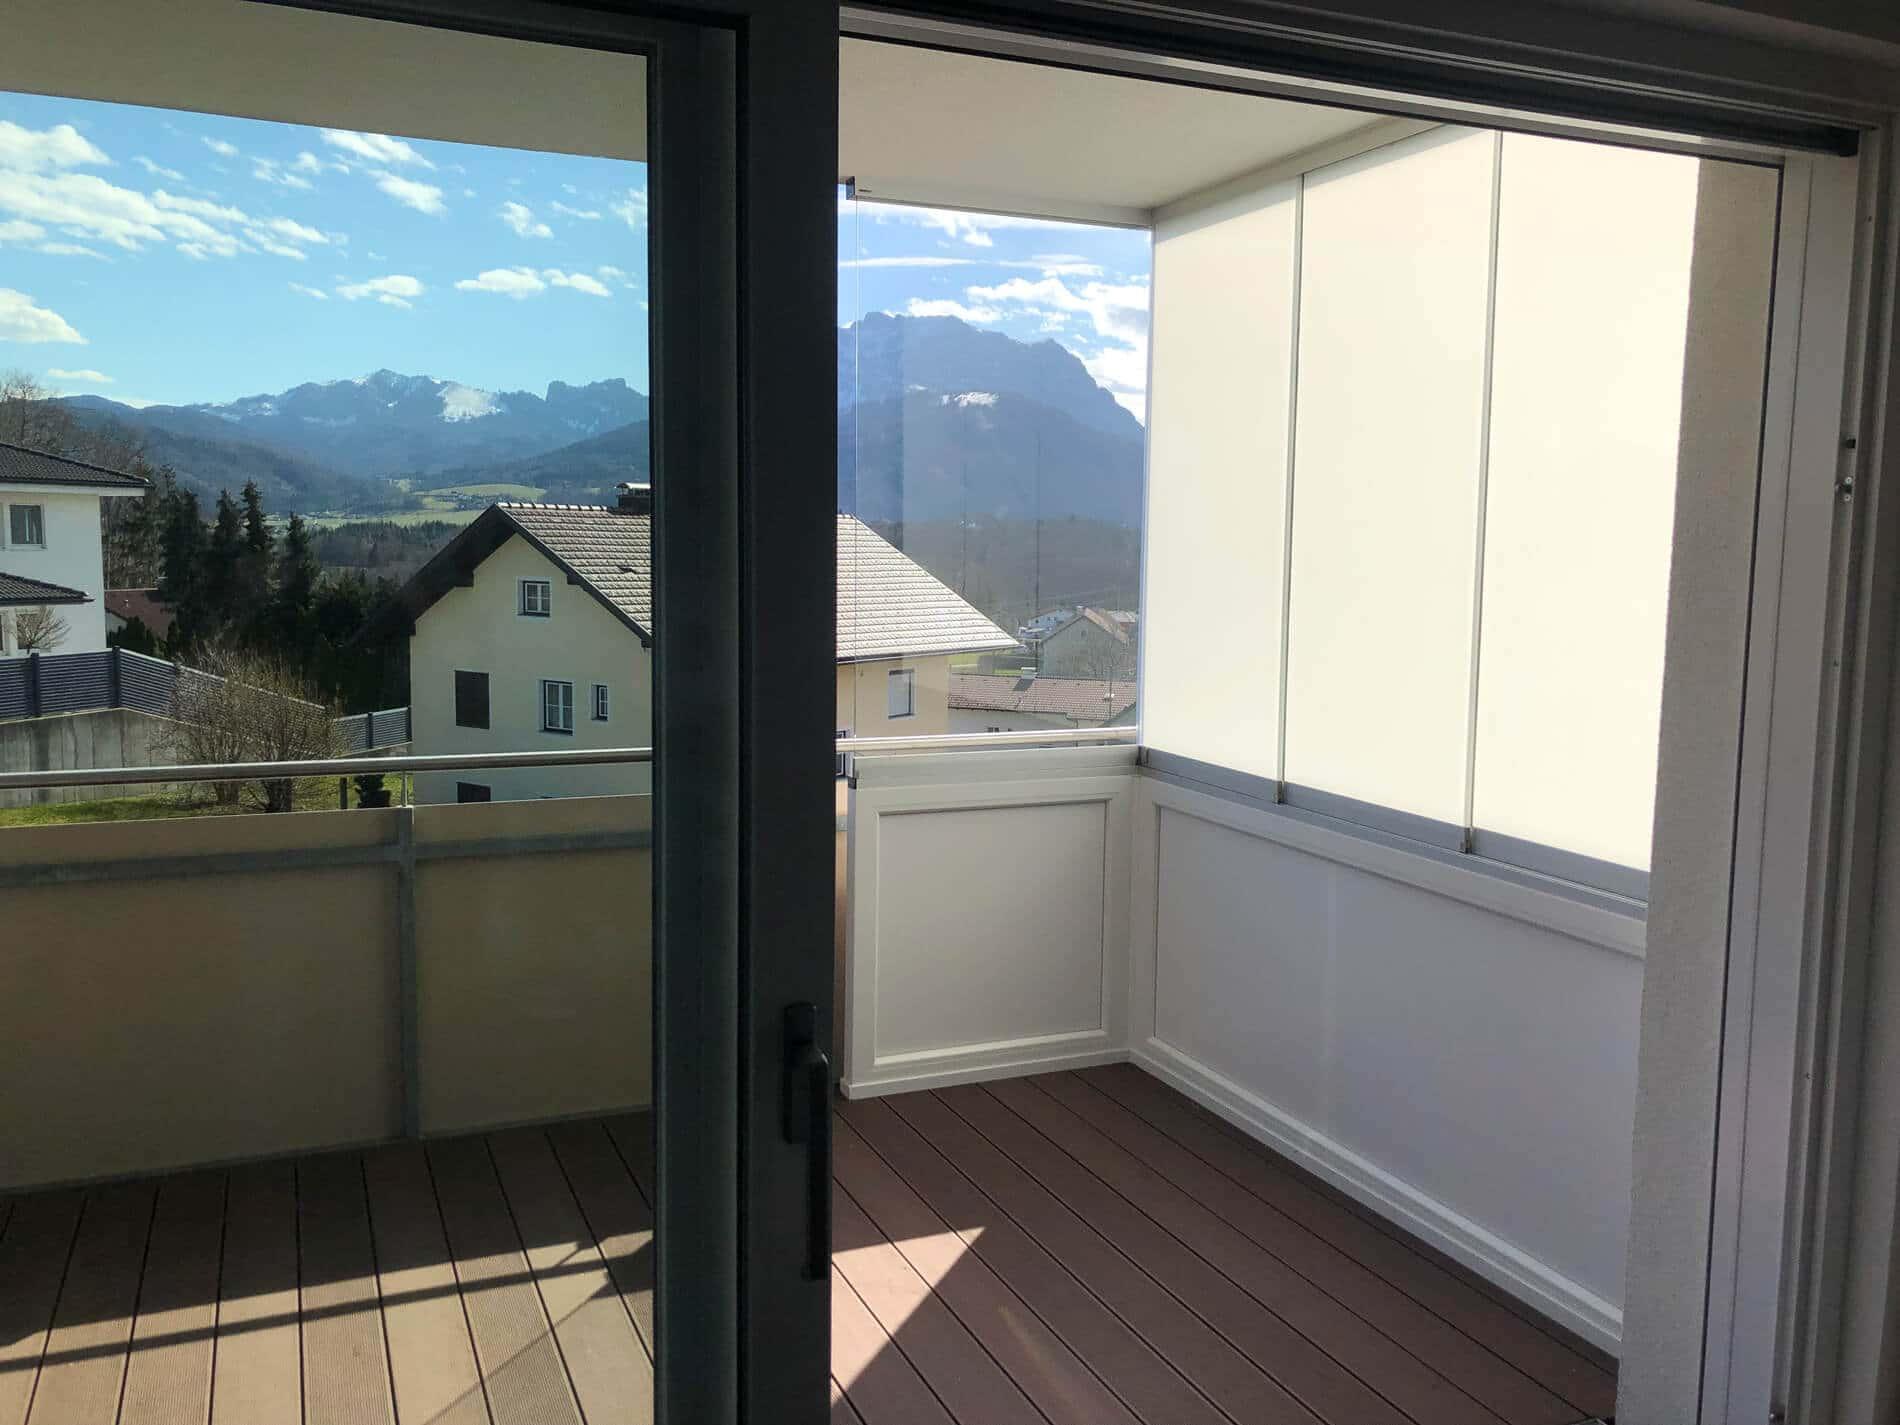 Verglasung als seitlicher Sichtschutz zum Öffnen